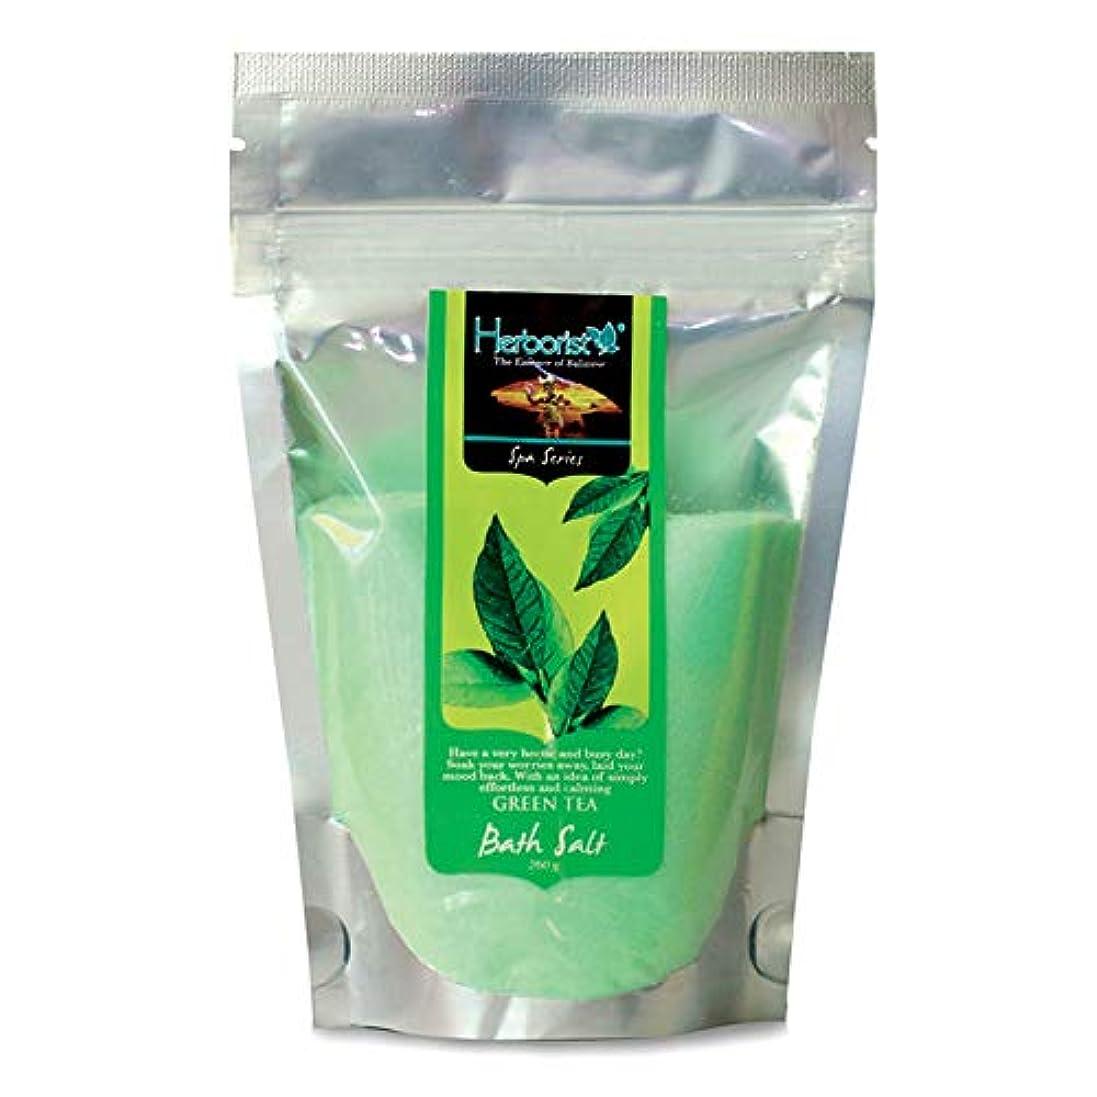 論争の的仮説コーチHerborist ハーボリスト Bath Salt バスソルト バリ島の香り漂う入浴剤 250g Green Tea グリーンティー [海外直送品]